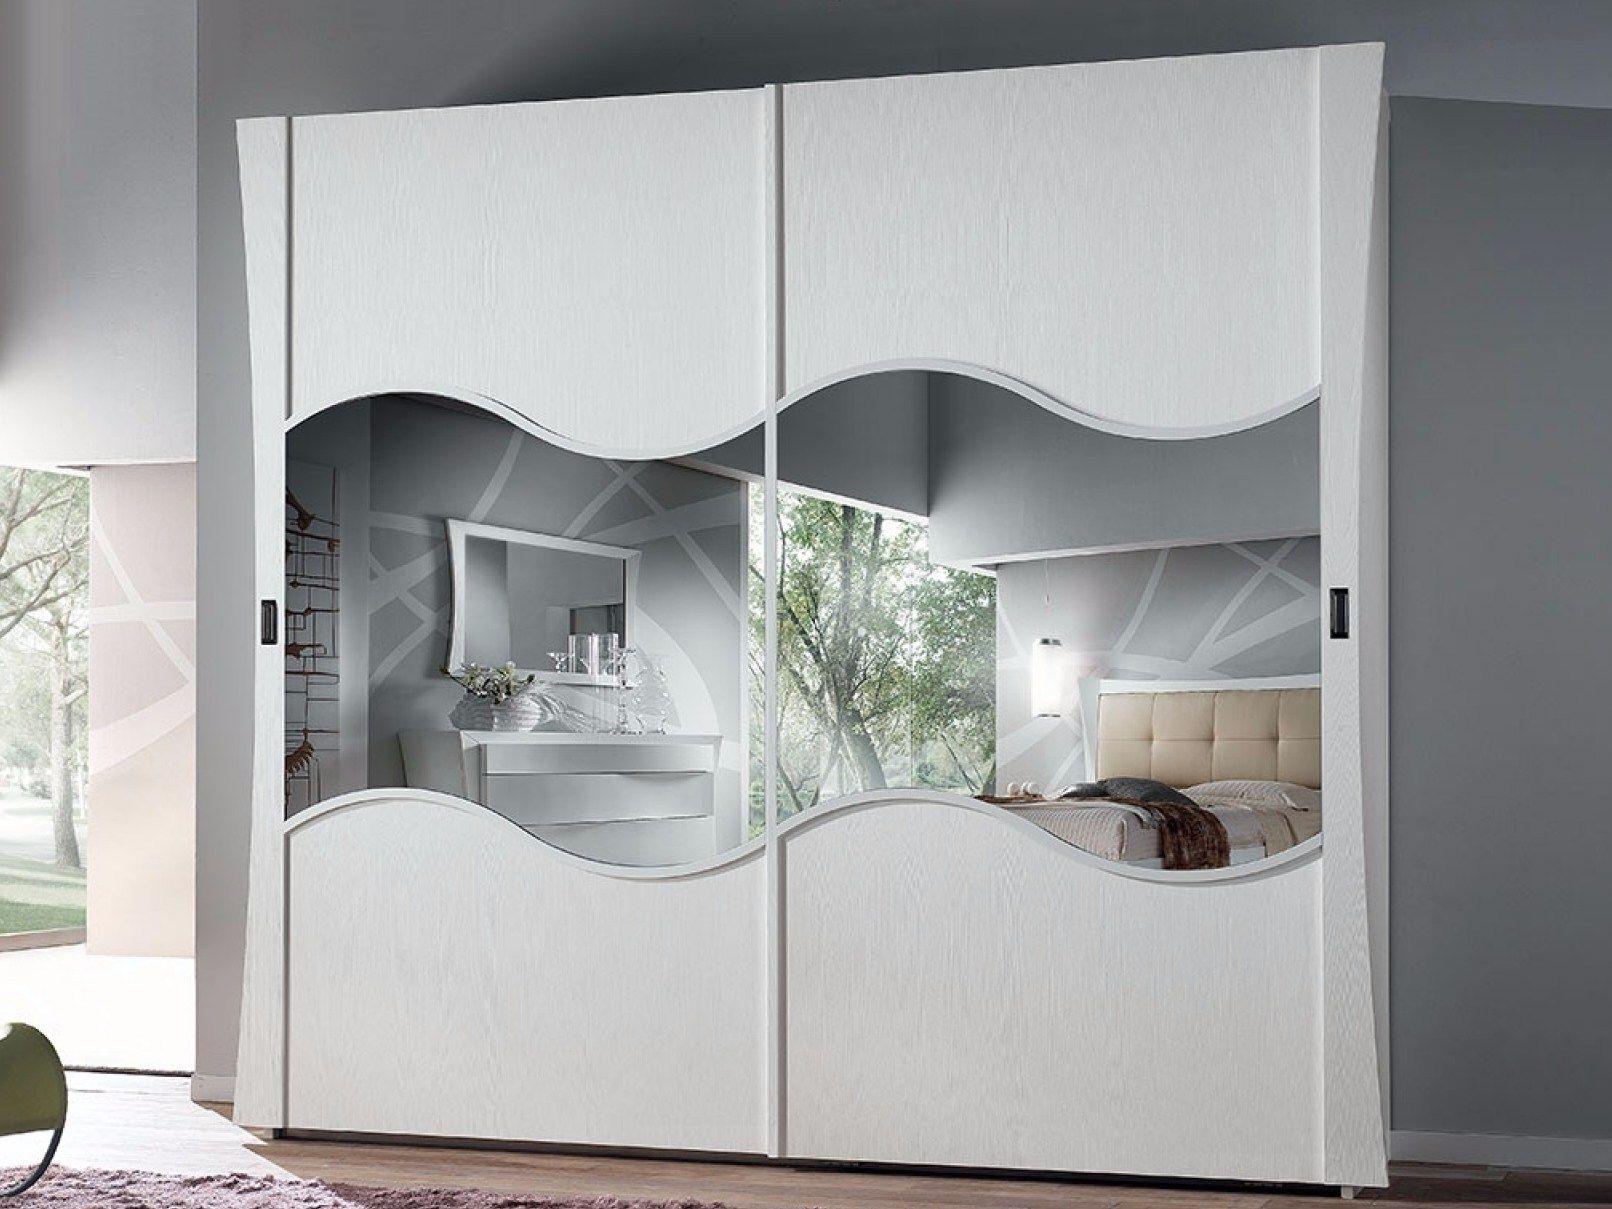 Vela armadio con specchio collezione vela by arvestyle - Specchio per armadio ...